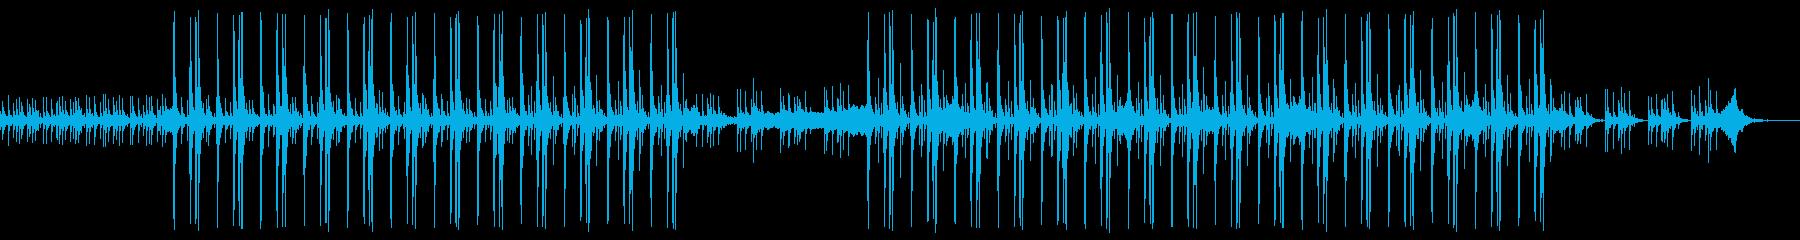 【劇伴】サスペンス・緊迫・推理の再生済みの波形